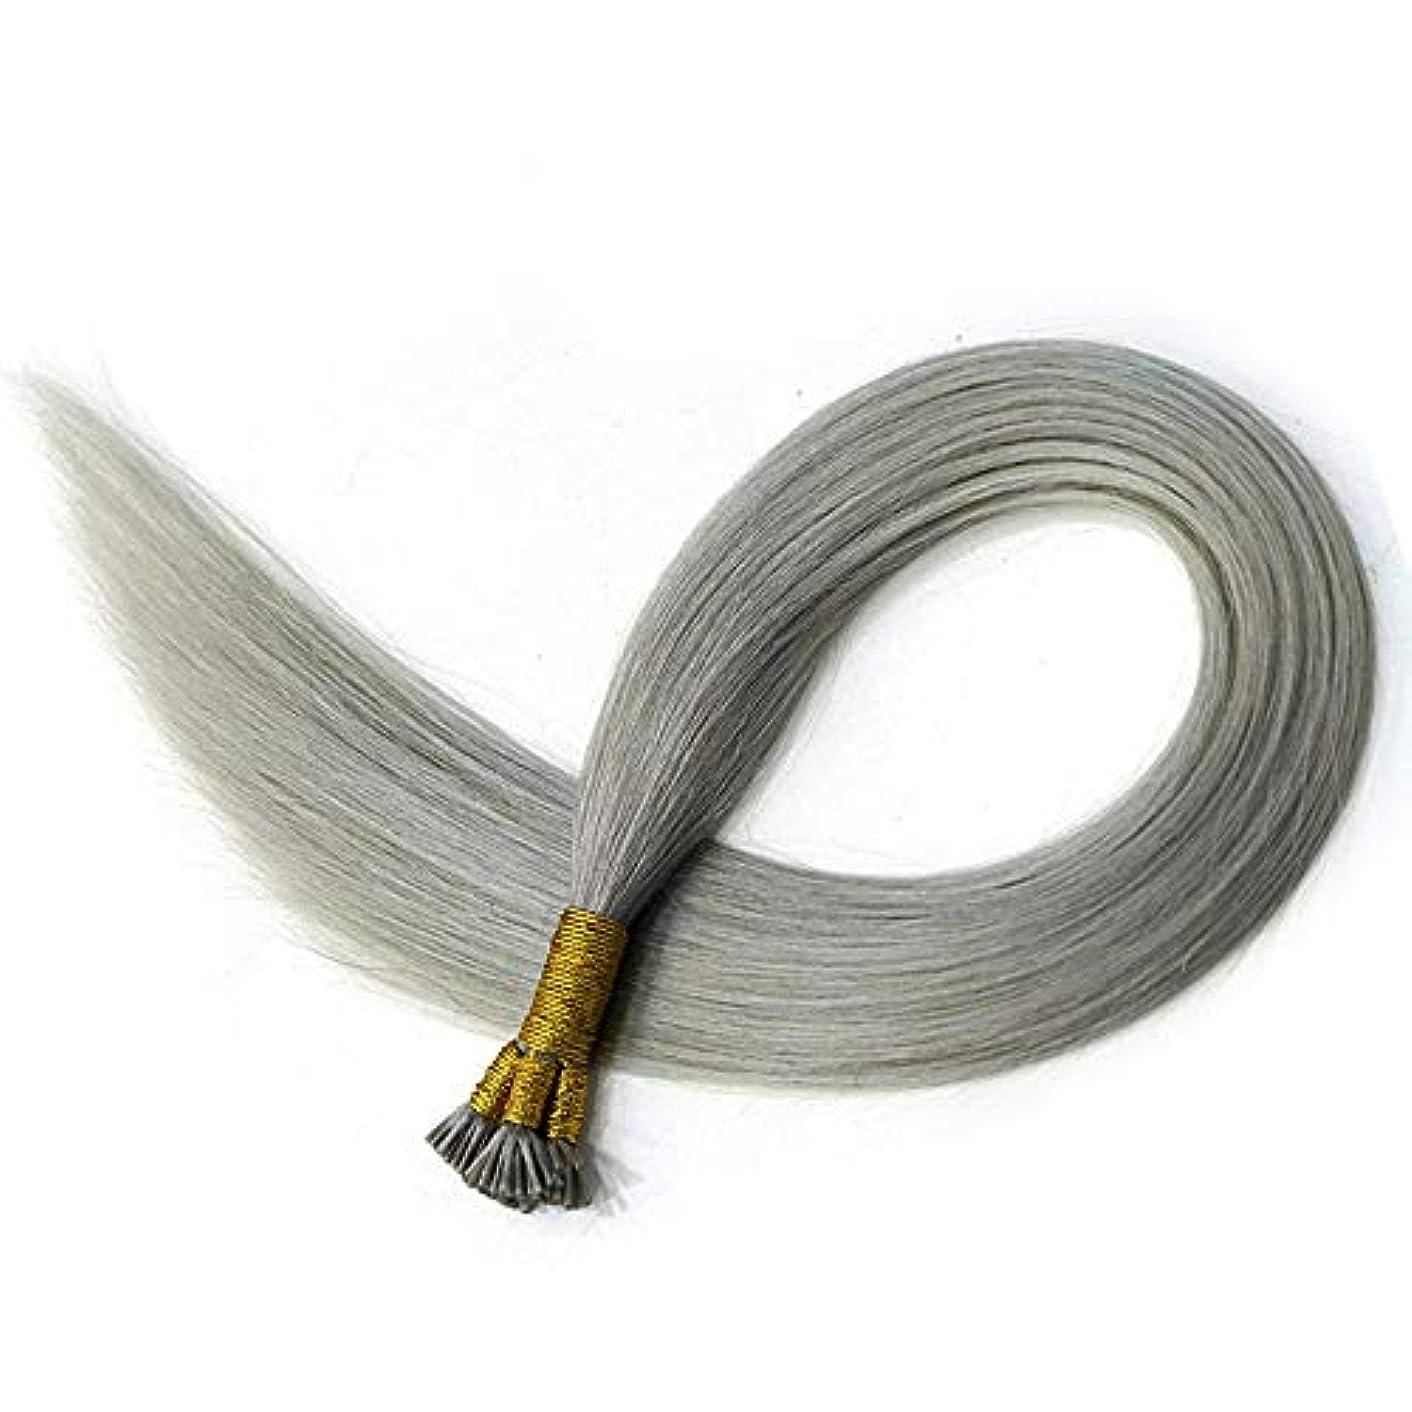 速報省略する説教WASAIO ヘアエクステンション人毛スリヴァー灰色デュアル描かれたネイルヘアエクステンション100グラム/パック (色 : グレー, サイズ : 16 inch)